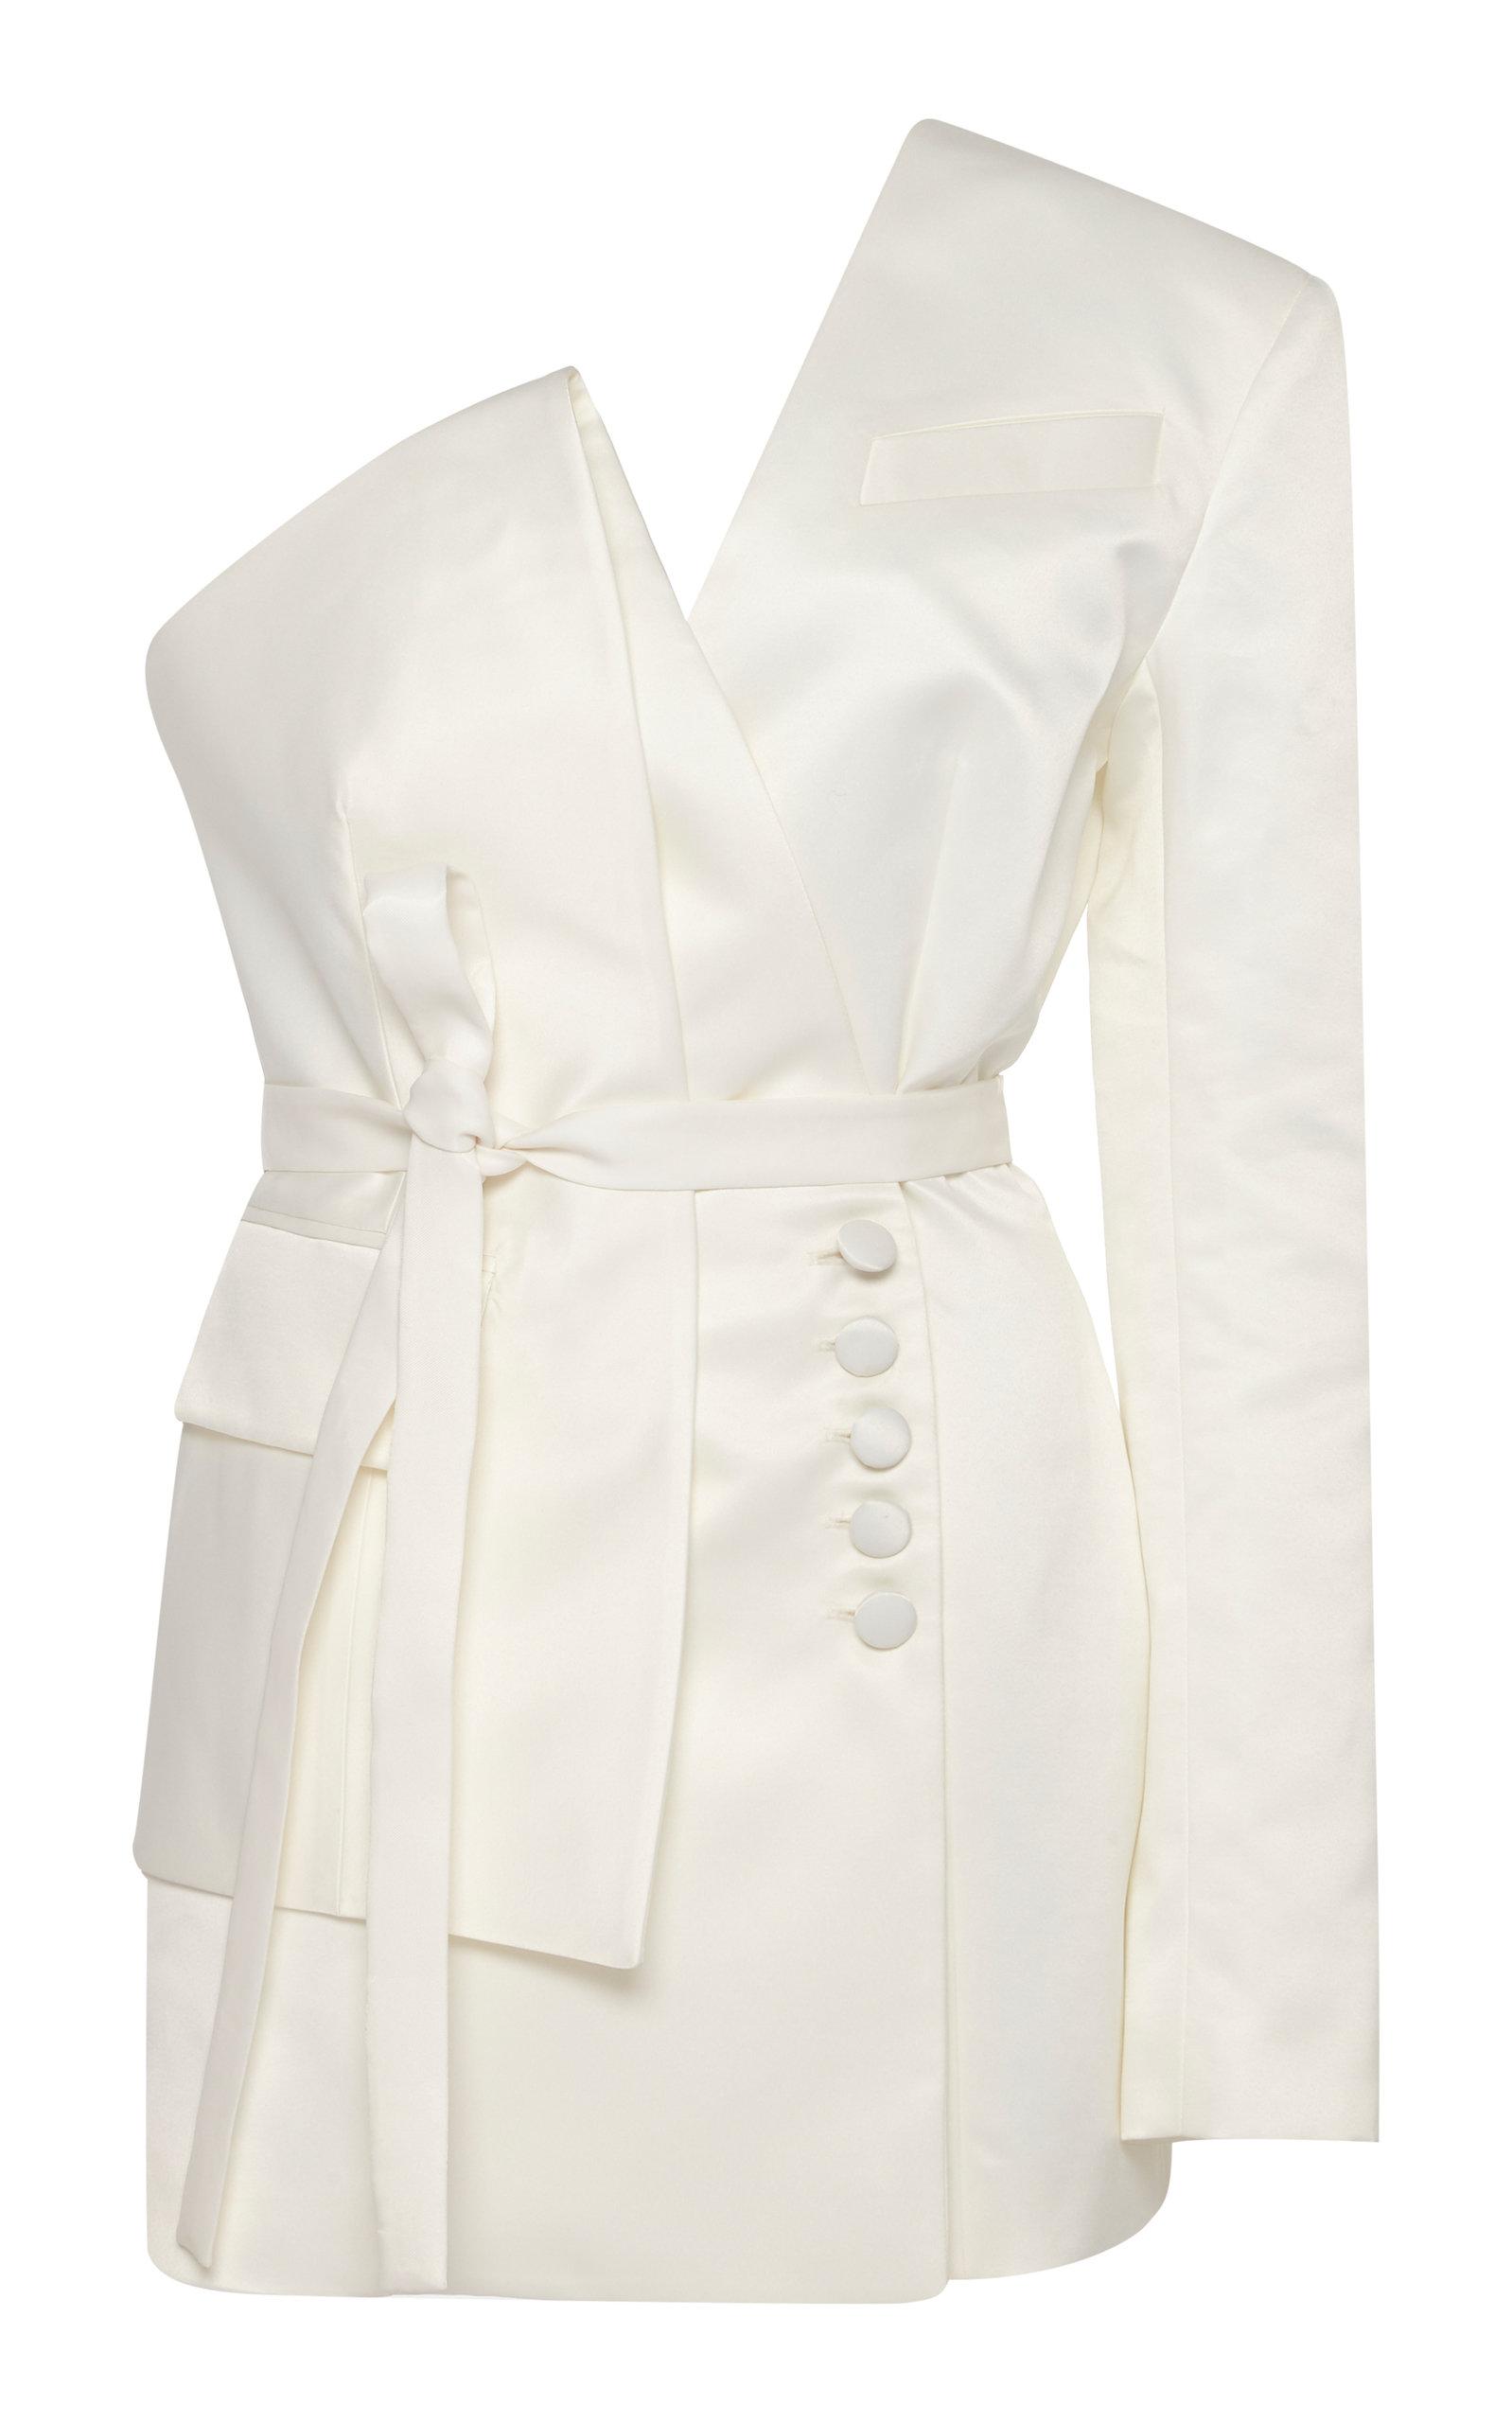 Buy MATÉRIEL One Shoulder Tie-Detailed Blazer online, shop MATÉRIEL at the best price